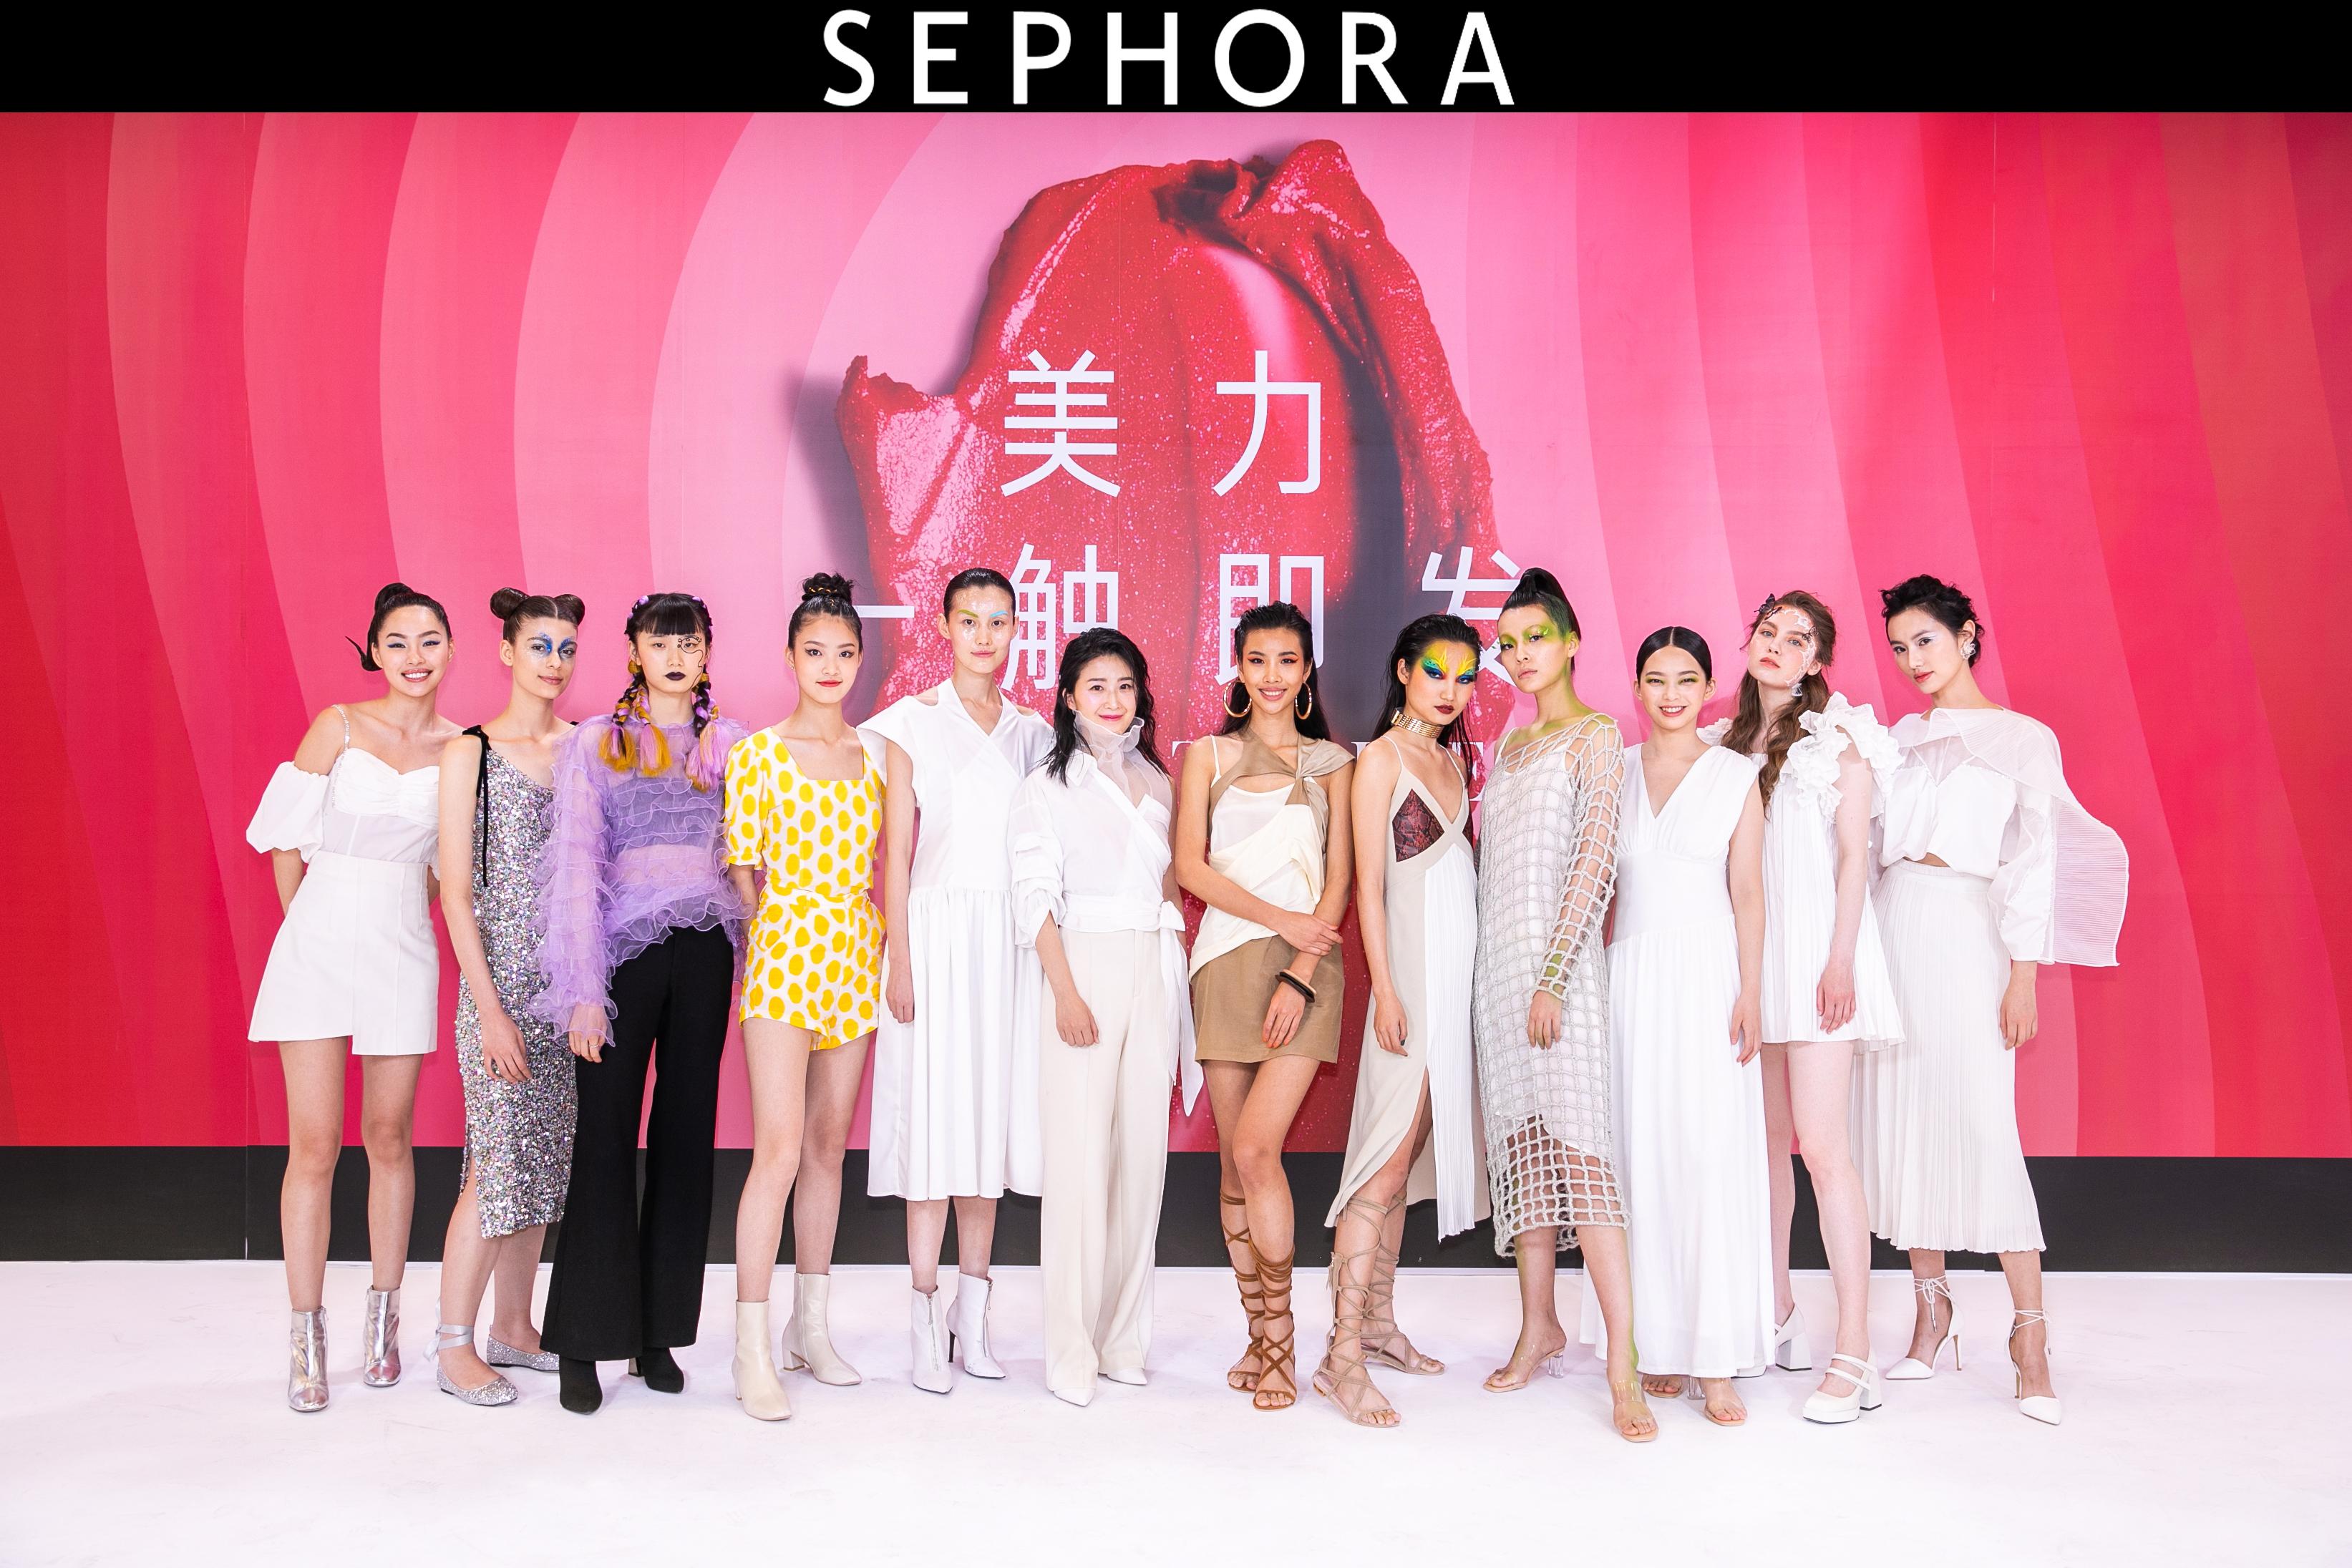 丝芙兰首次云发布春夏独家新品与全球美妆潮流趋势